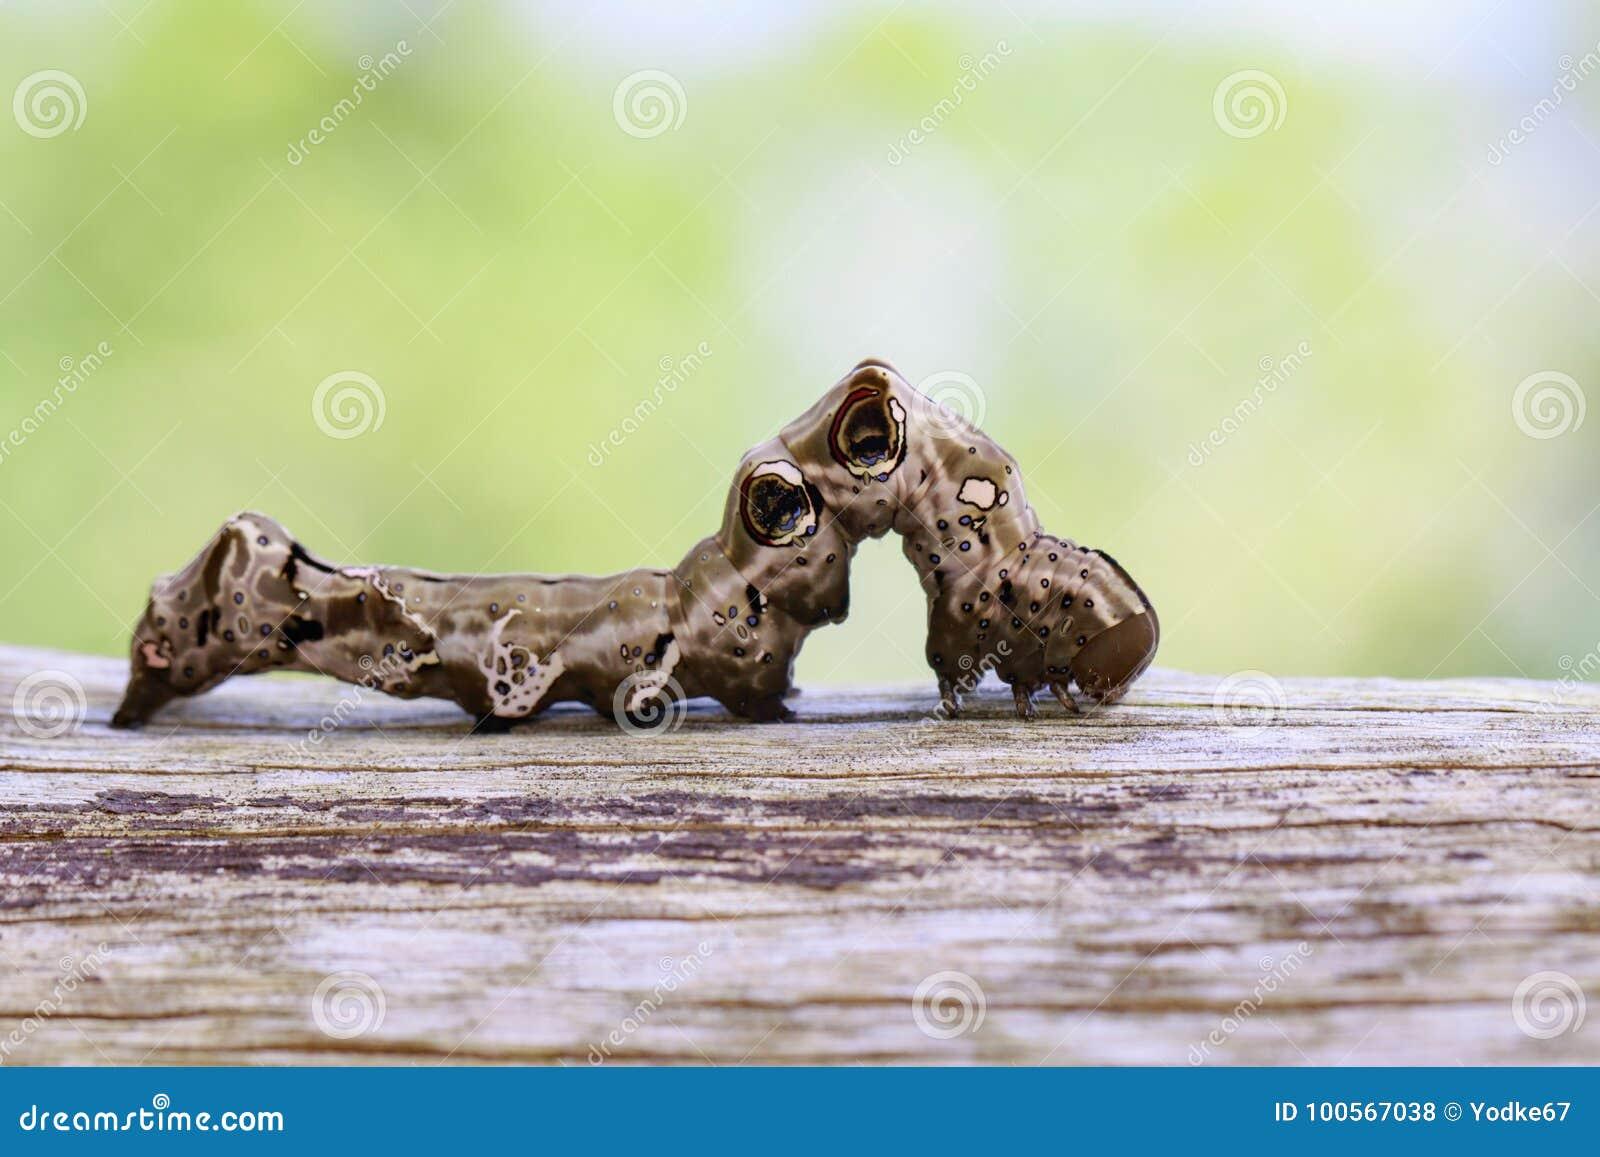 Image de chenille brune sur le bois de construction sec brun insecte Animal